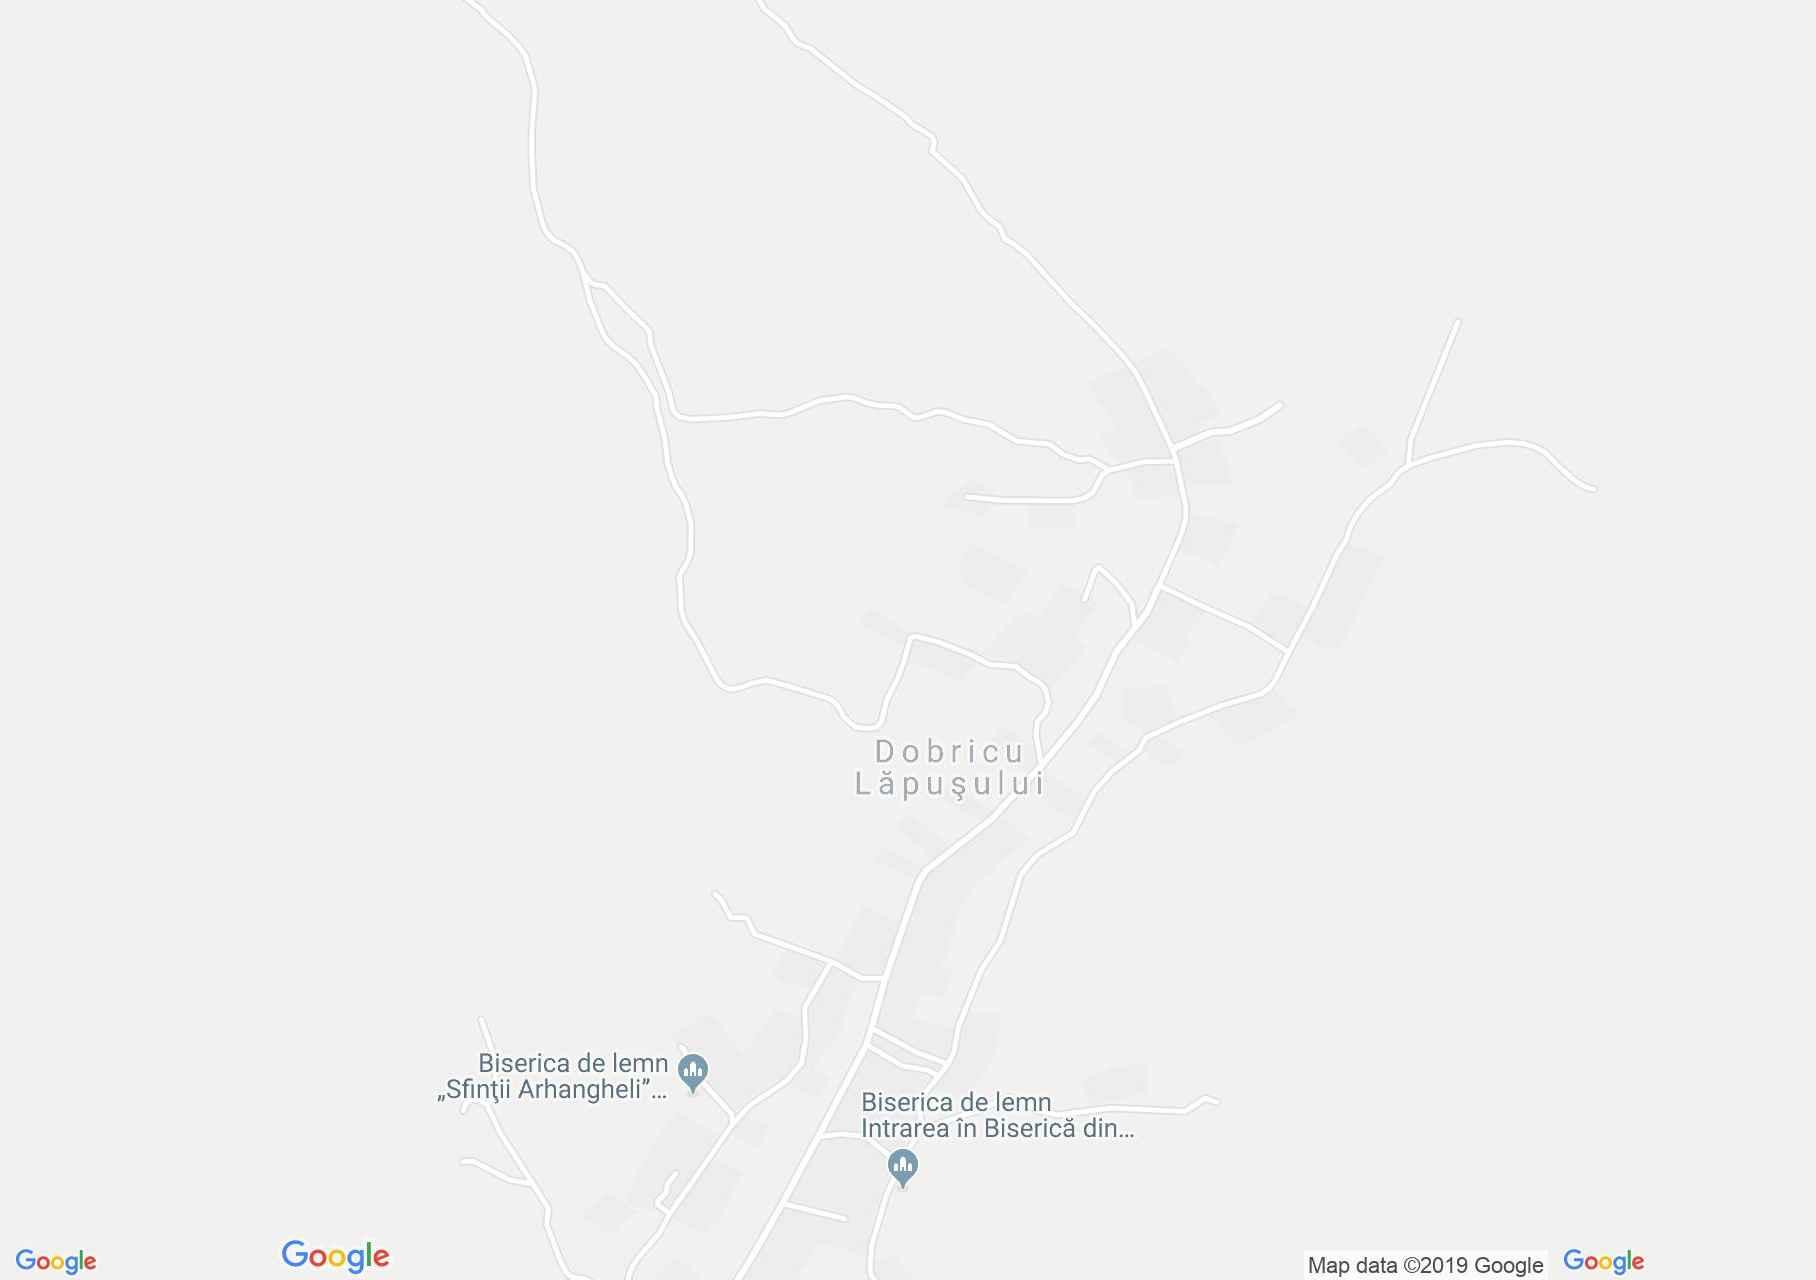 Hartă Dobricu Lăpuşului